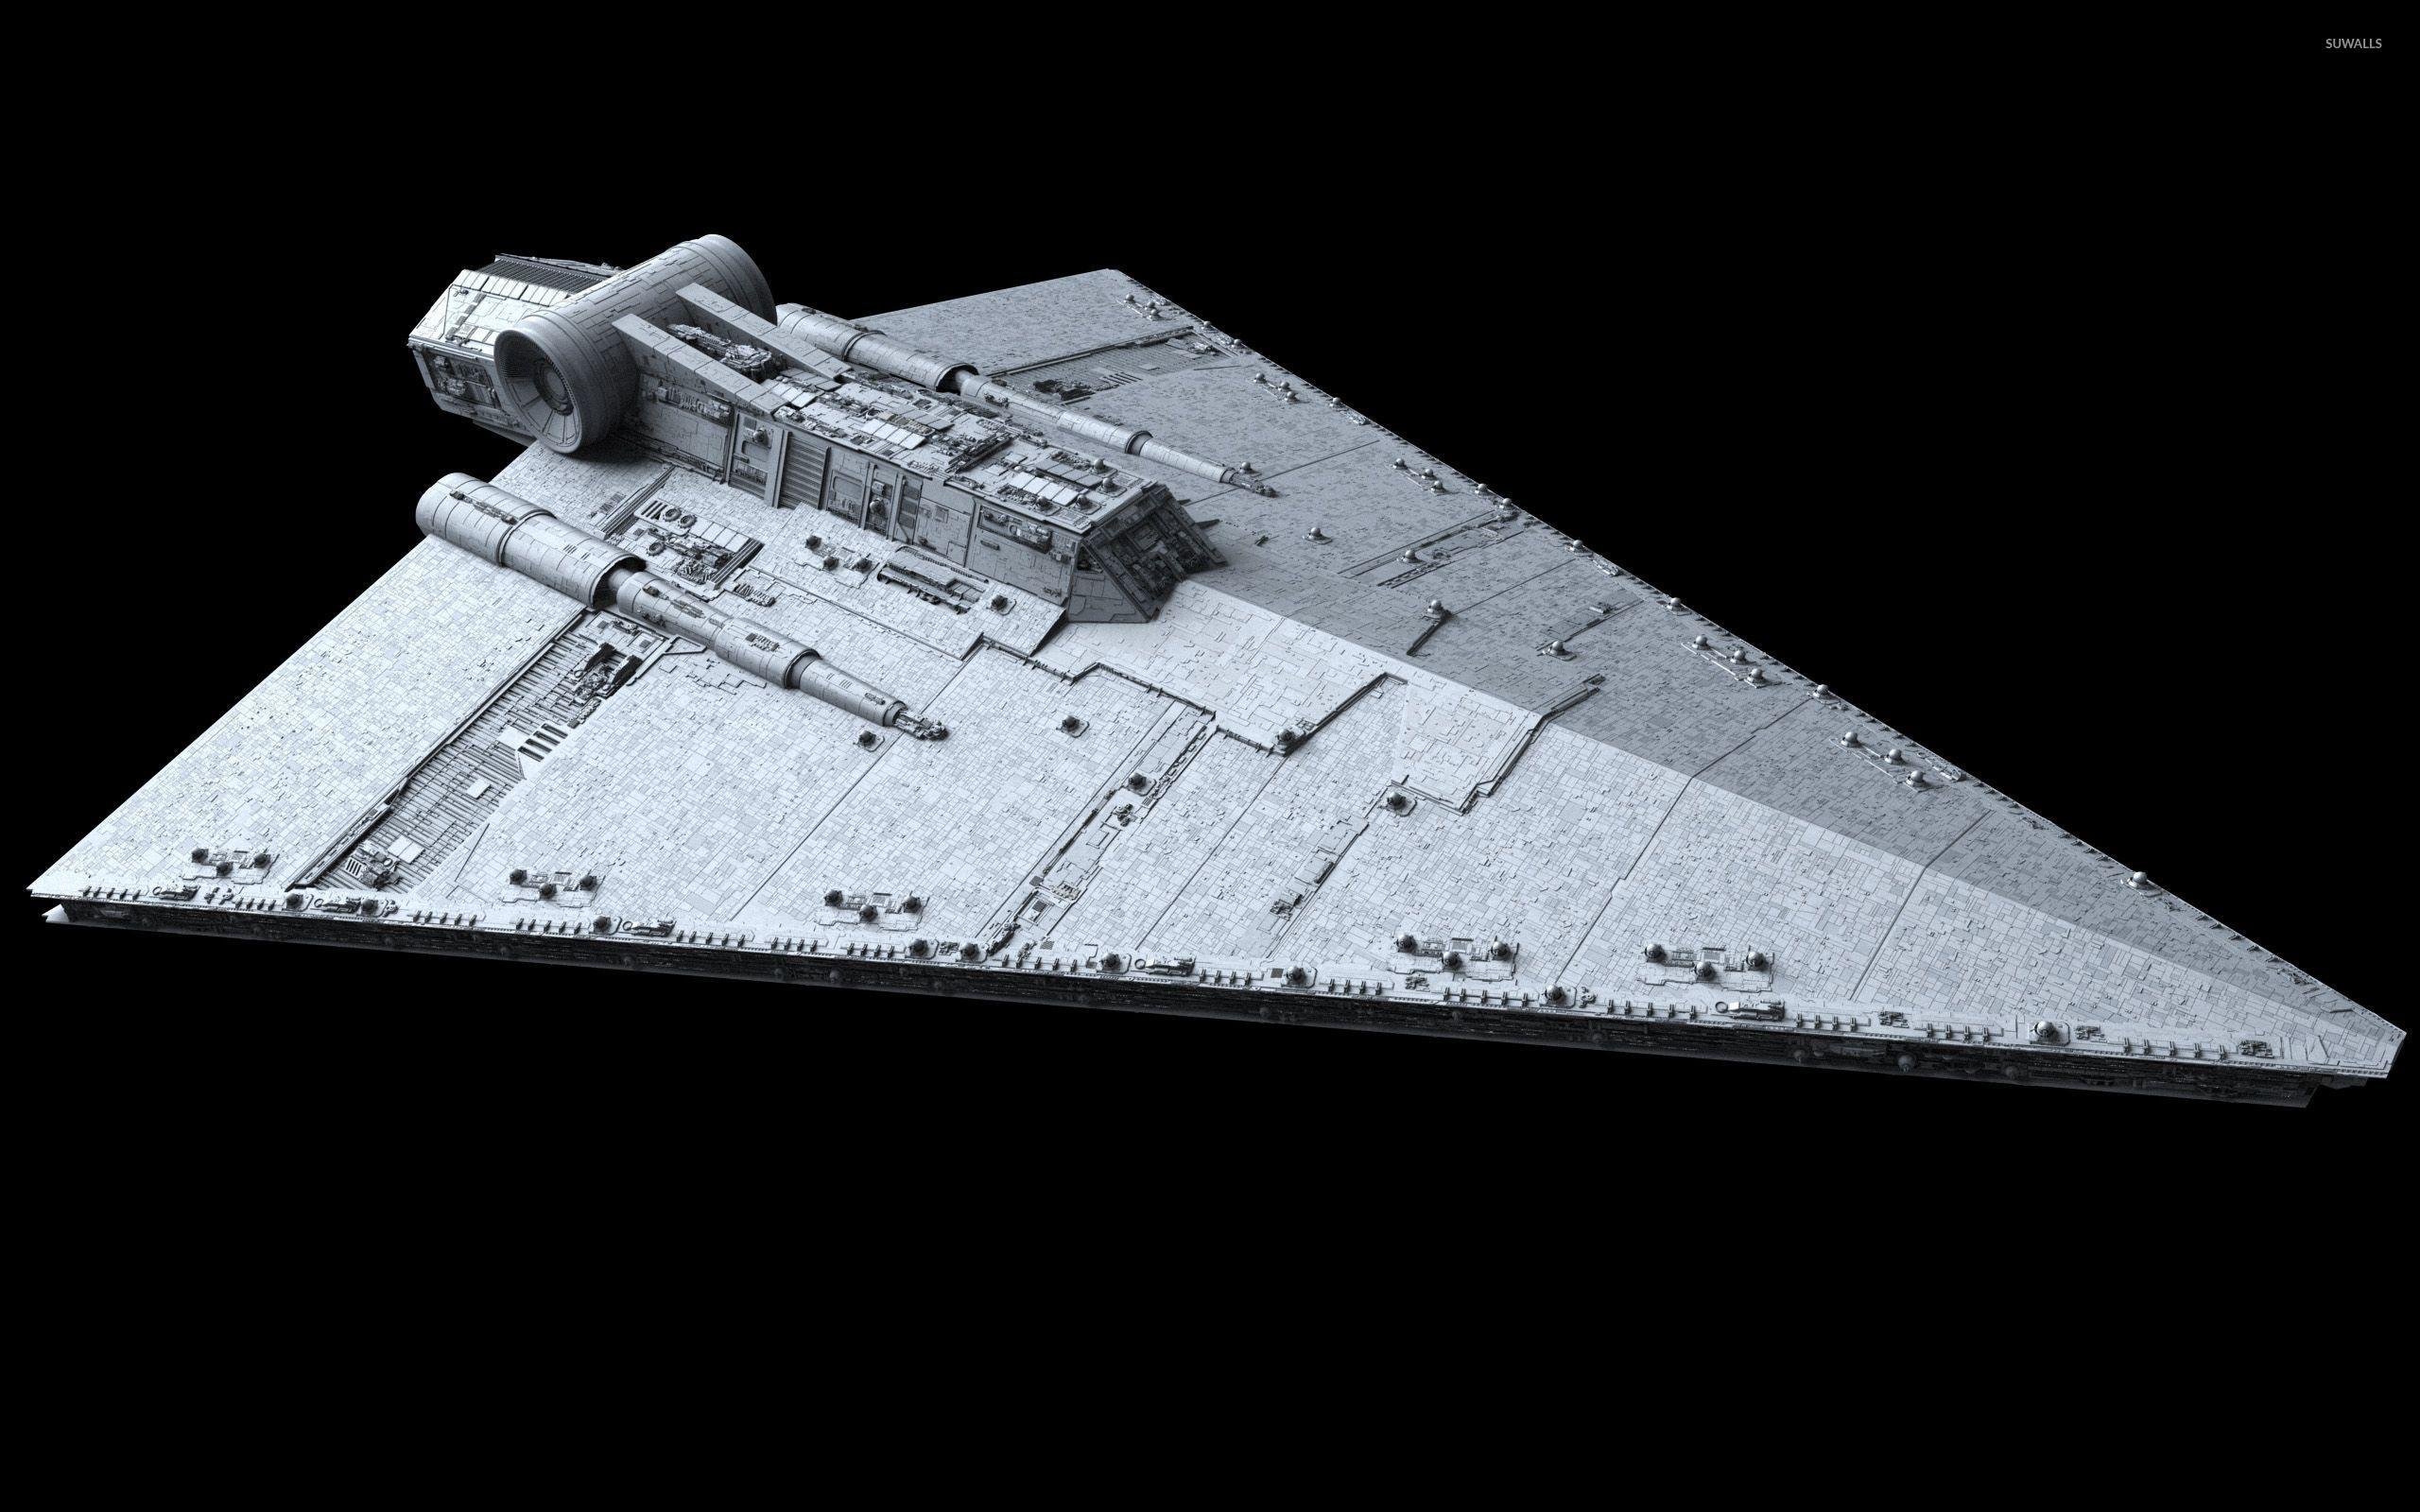 Praetor Mark Ii Class Battlecruiser Star Wars Wallpaper Movie Wallpapers 29943